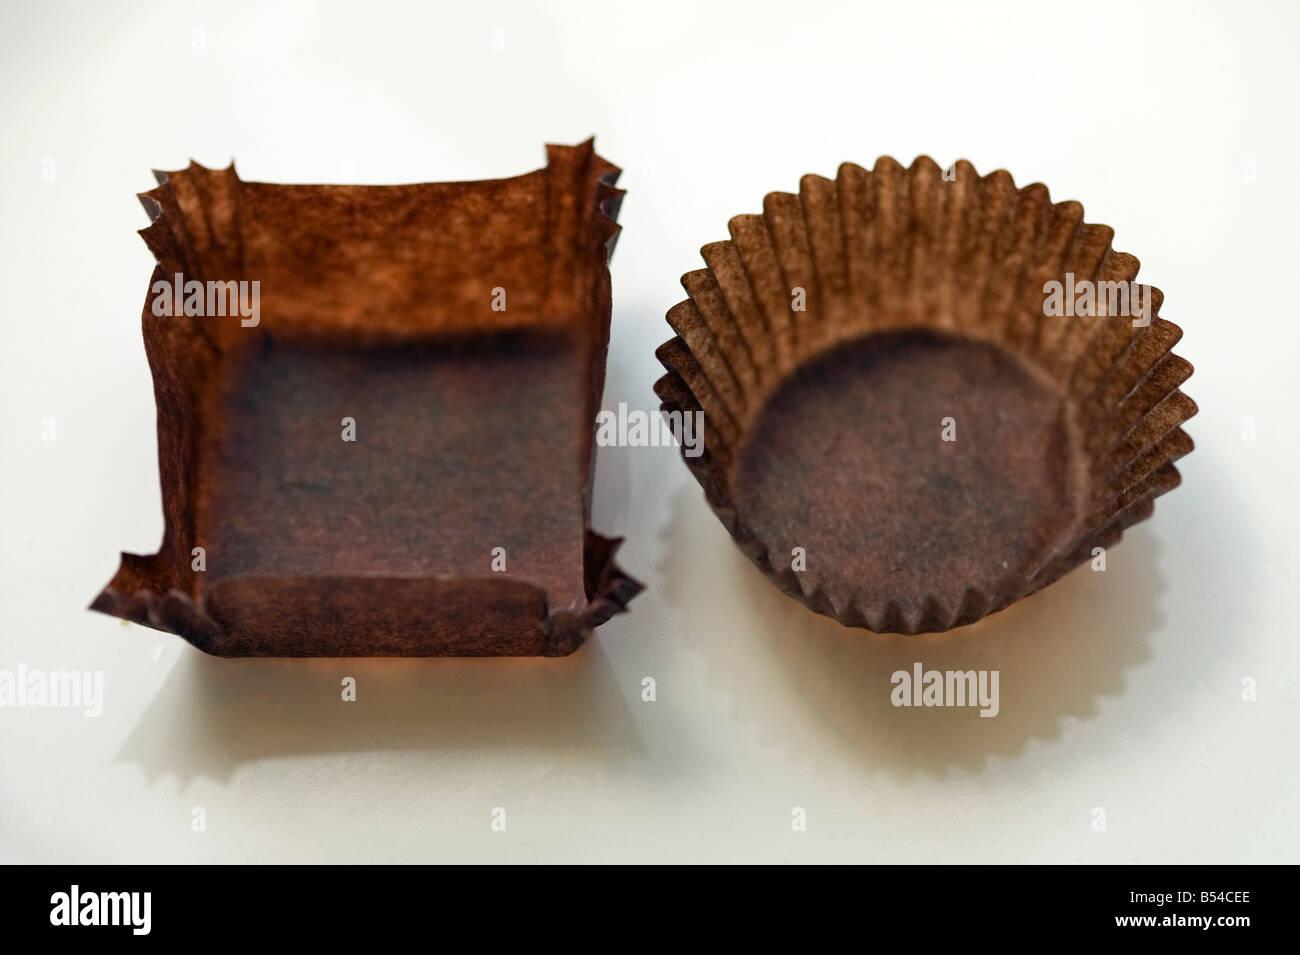 Les enveloppeurs chocolat bonbons vide Banque D'Images